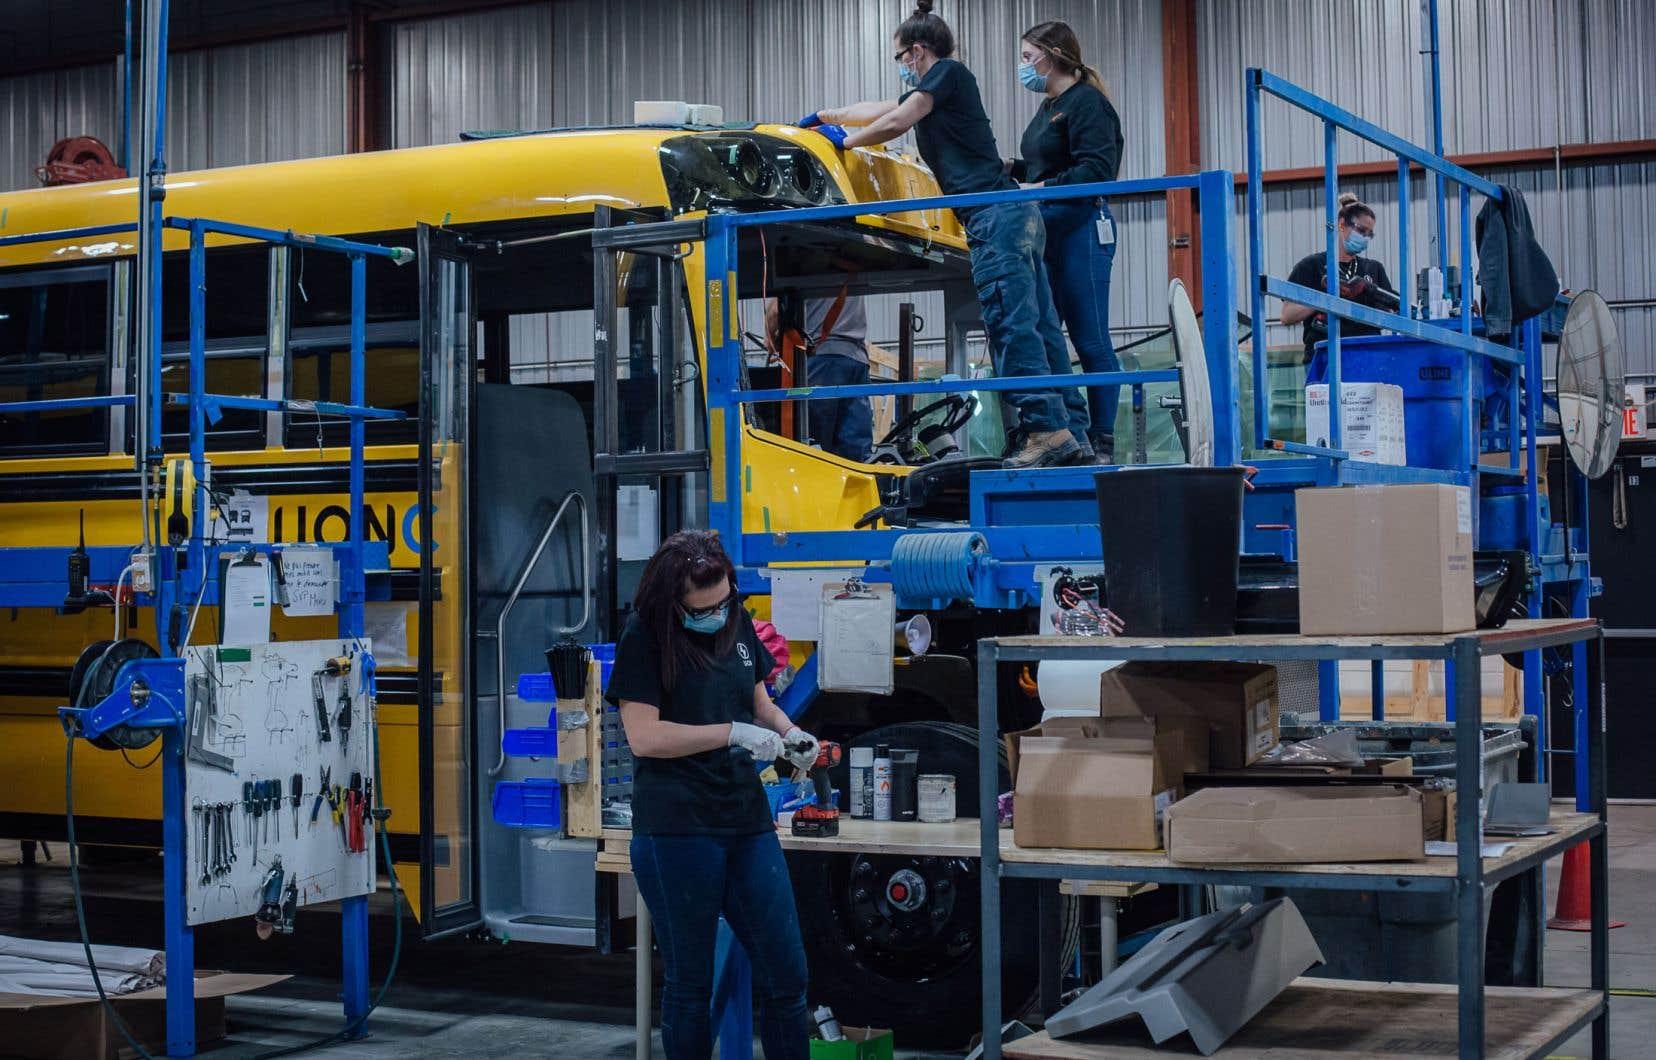 Le gouvernement Legault a annoncé fin avril une modification à un règlement afin d'octroyer une subvention pouvant aller jusqu'à 150000$ pour chaque autobus scolaire entièrement électrique acheté et assemblé au Québec.